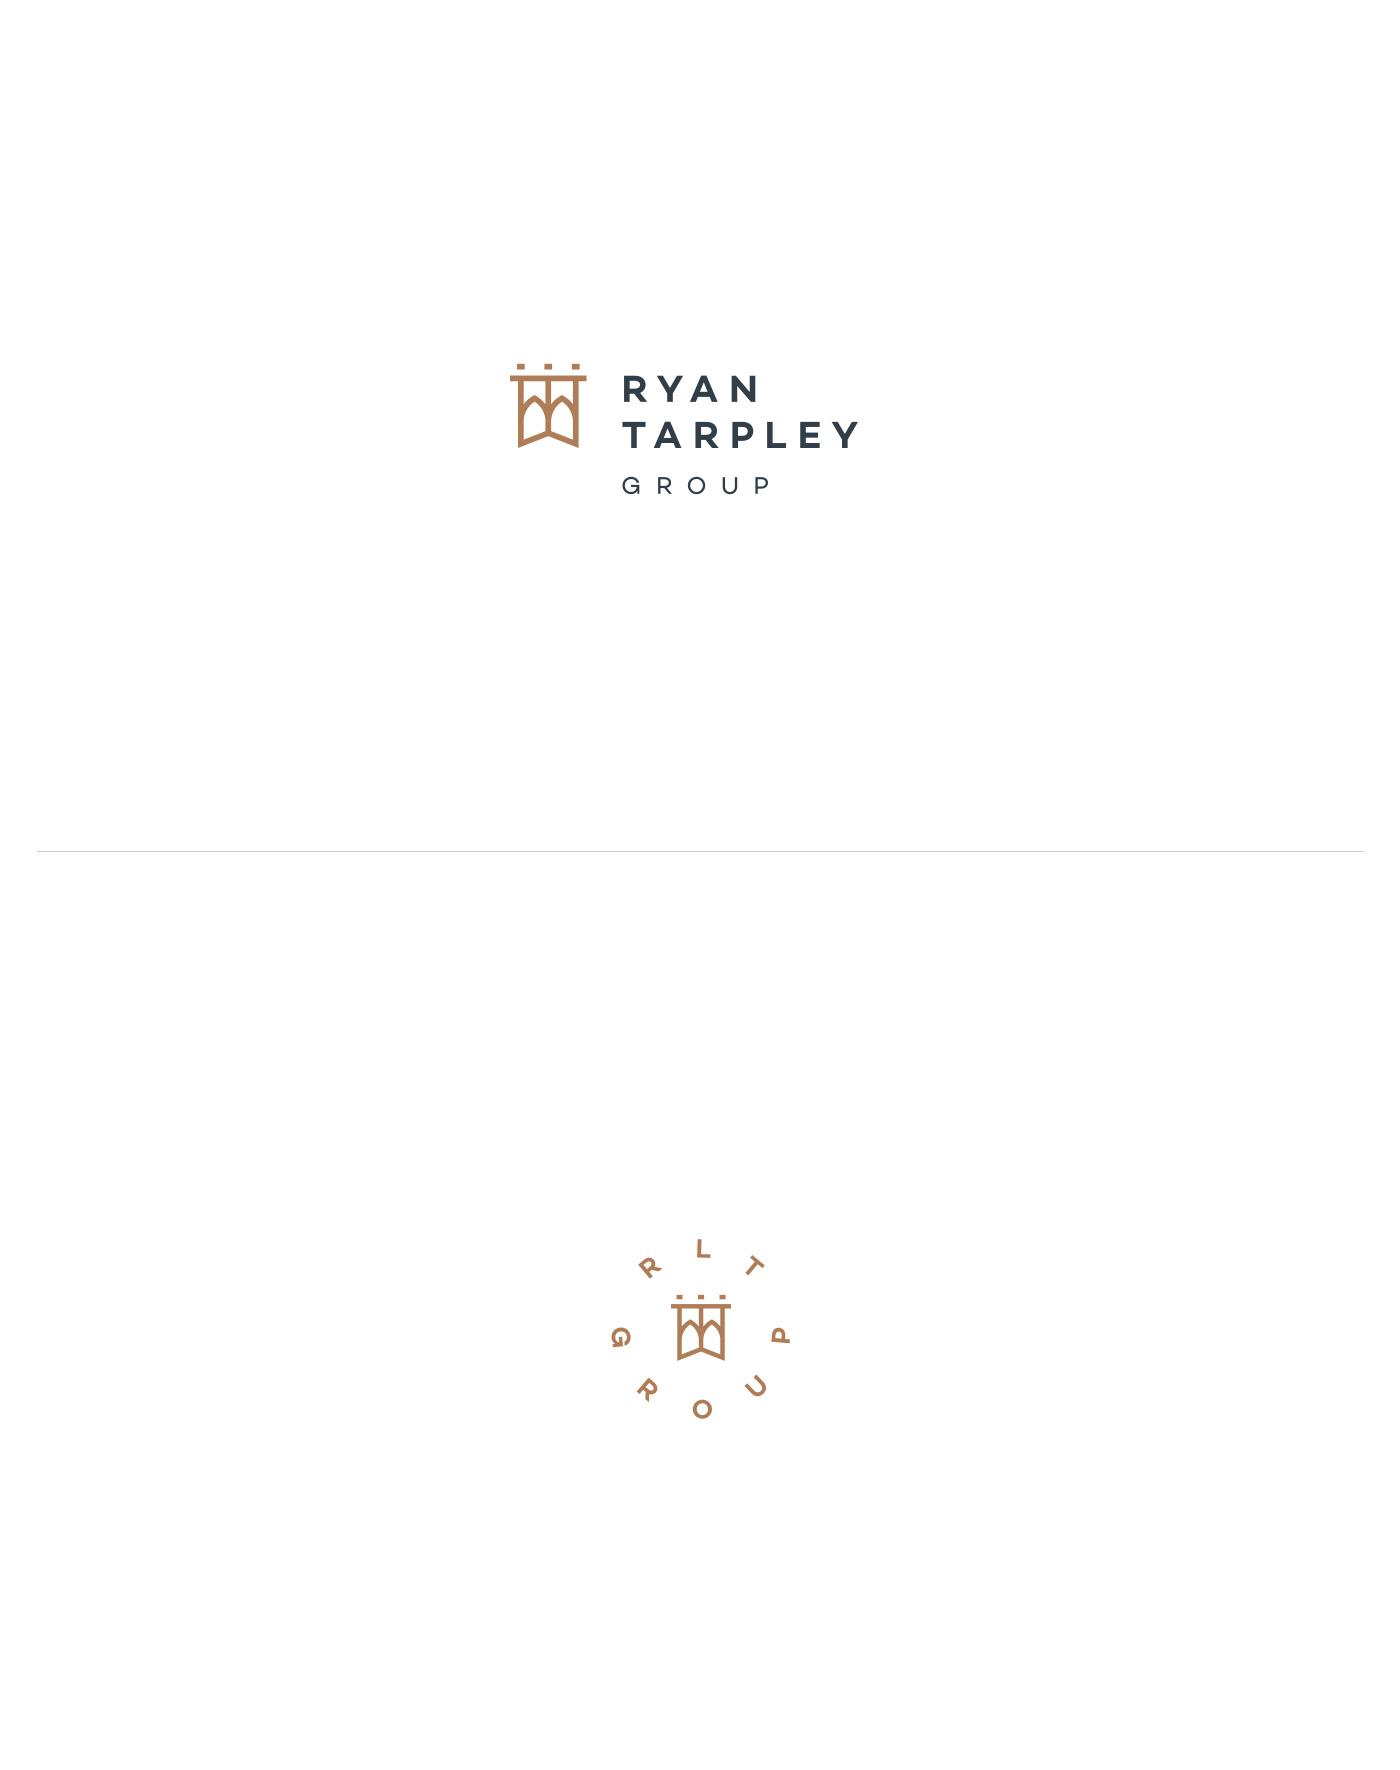 ryan-tarpley-personal-brand-03.jpg